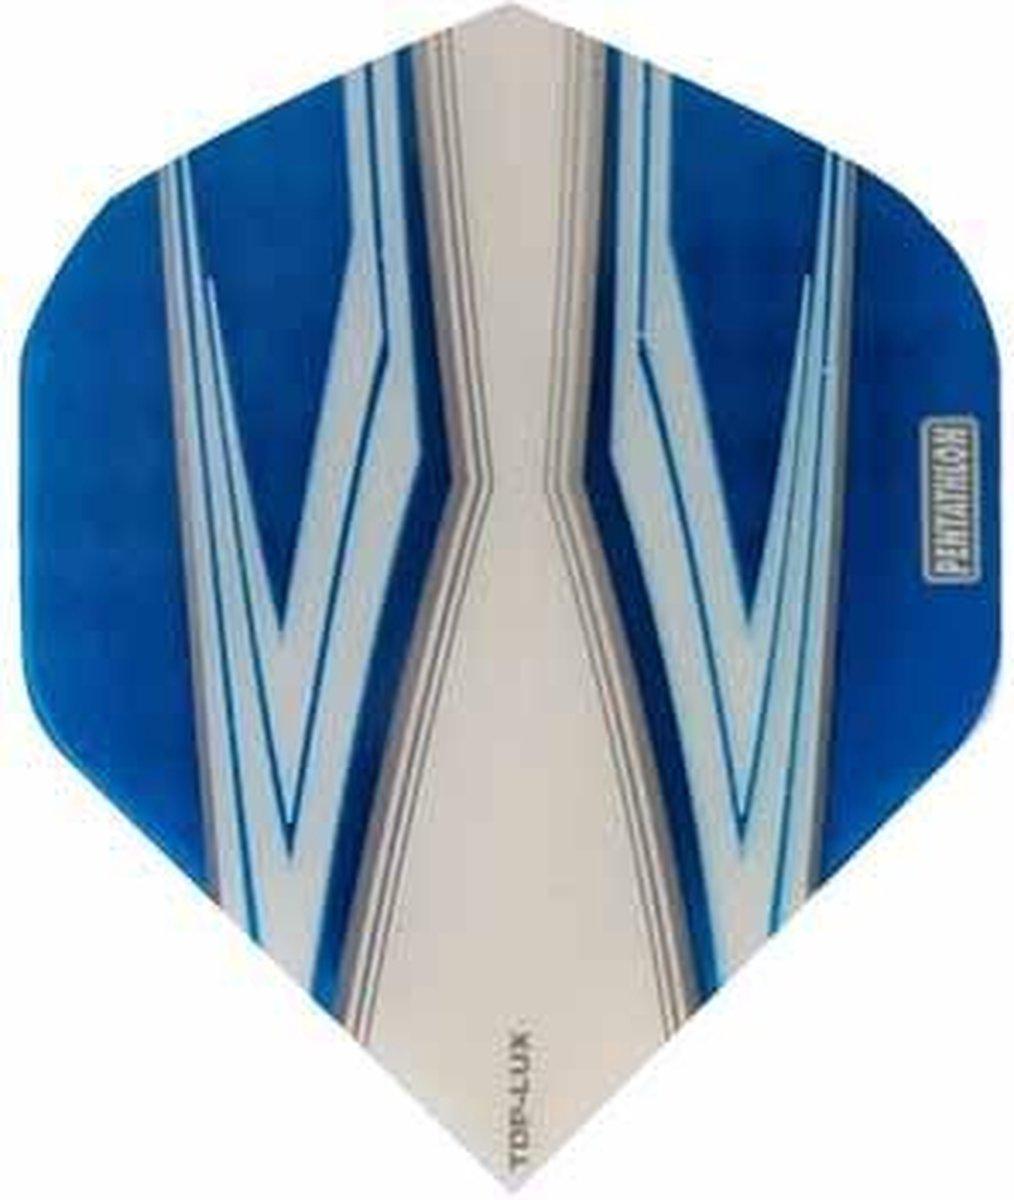 ABC Darts Flights Pentathlon - Spitfire W lichtblauw - 10 sets